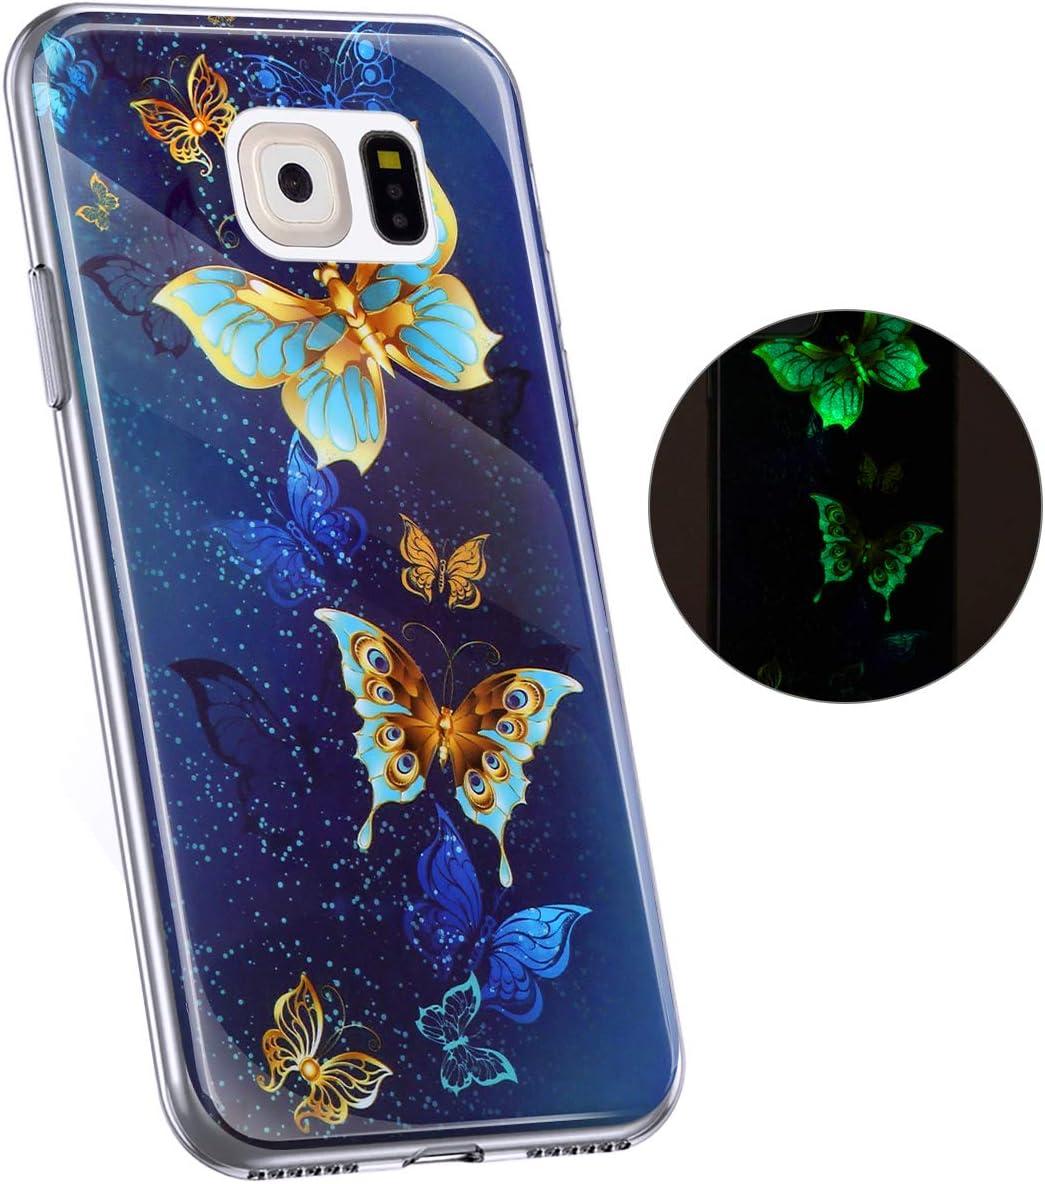 Gold Blau Hpory Kompatibel mit Galaxy S6 Edge H/ülle Handyh/ülle Samsung Galaxy S6 Edge Glow im Dunkel Nacht Leuchtend Weiche TPU Silikon Transparent Bumper Schale Case Cover Tasche Schutzh/ülle